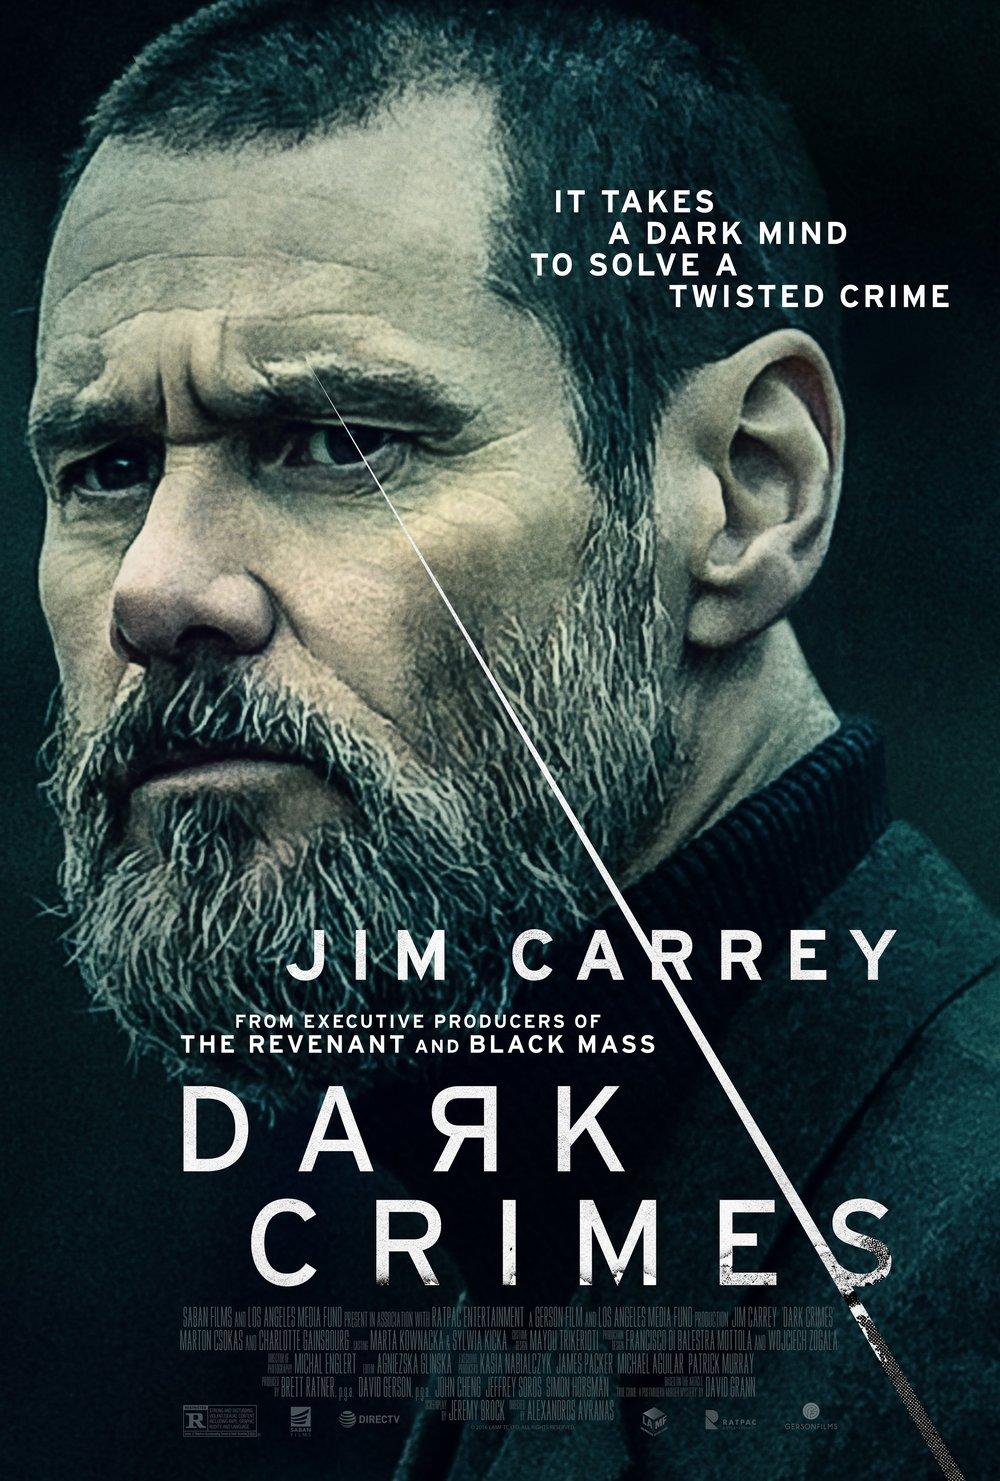 darkcrimes-poster001.jpg